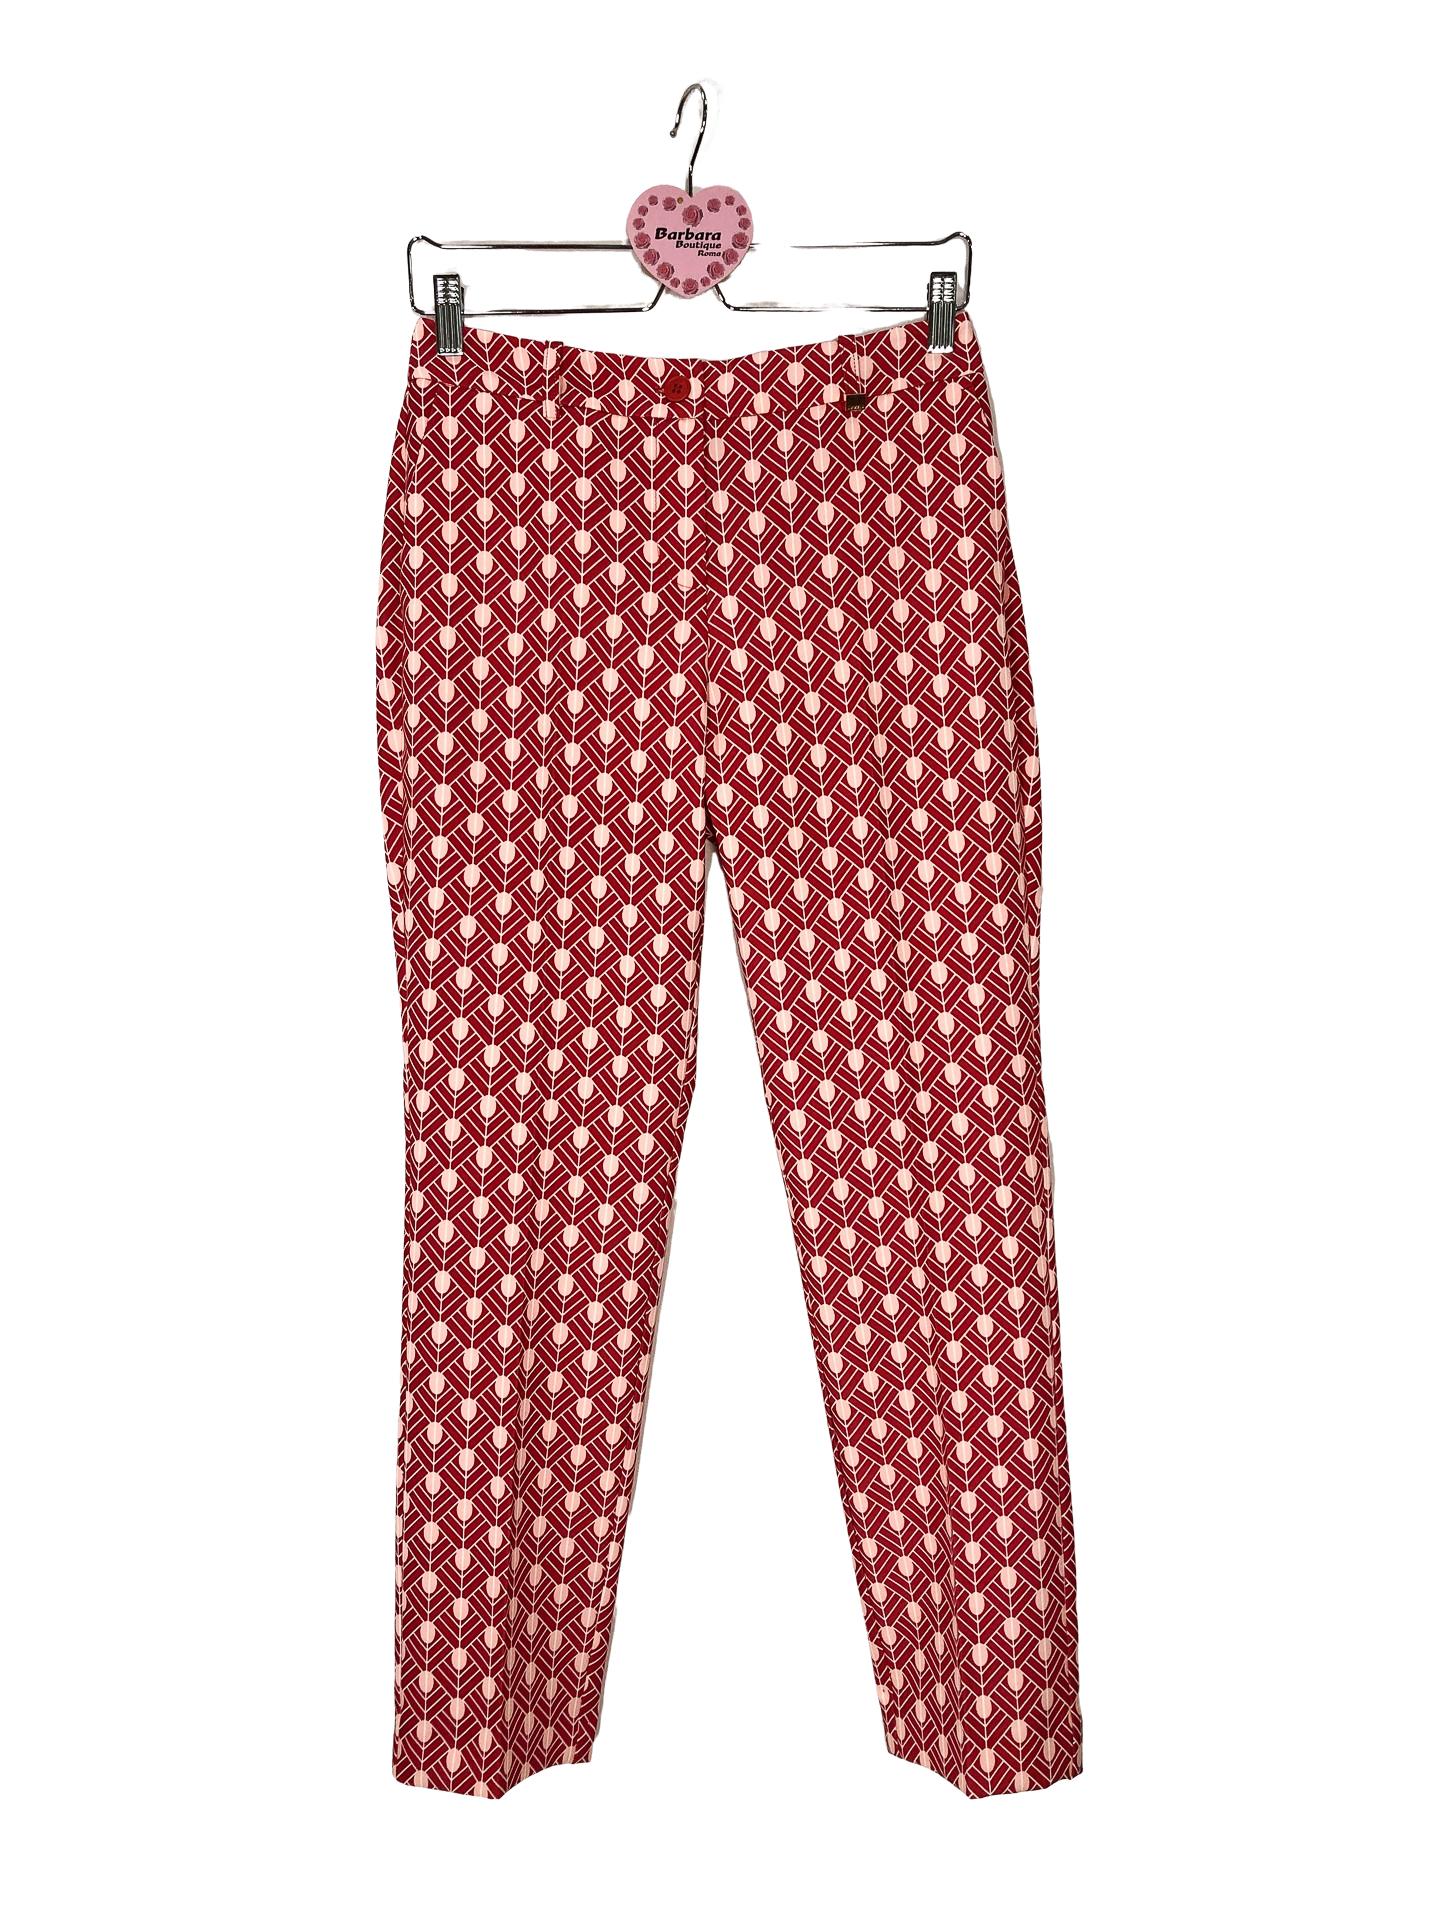 pantalone fantasia geometrica